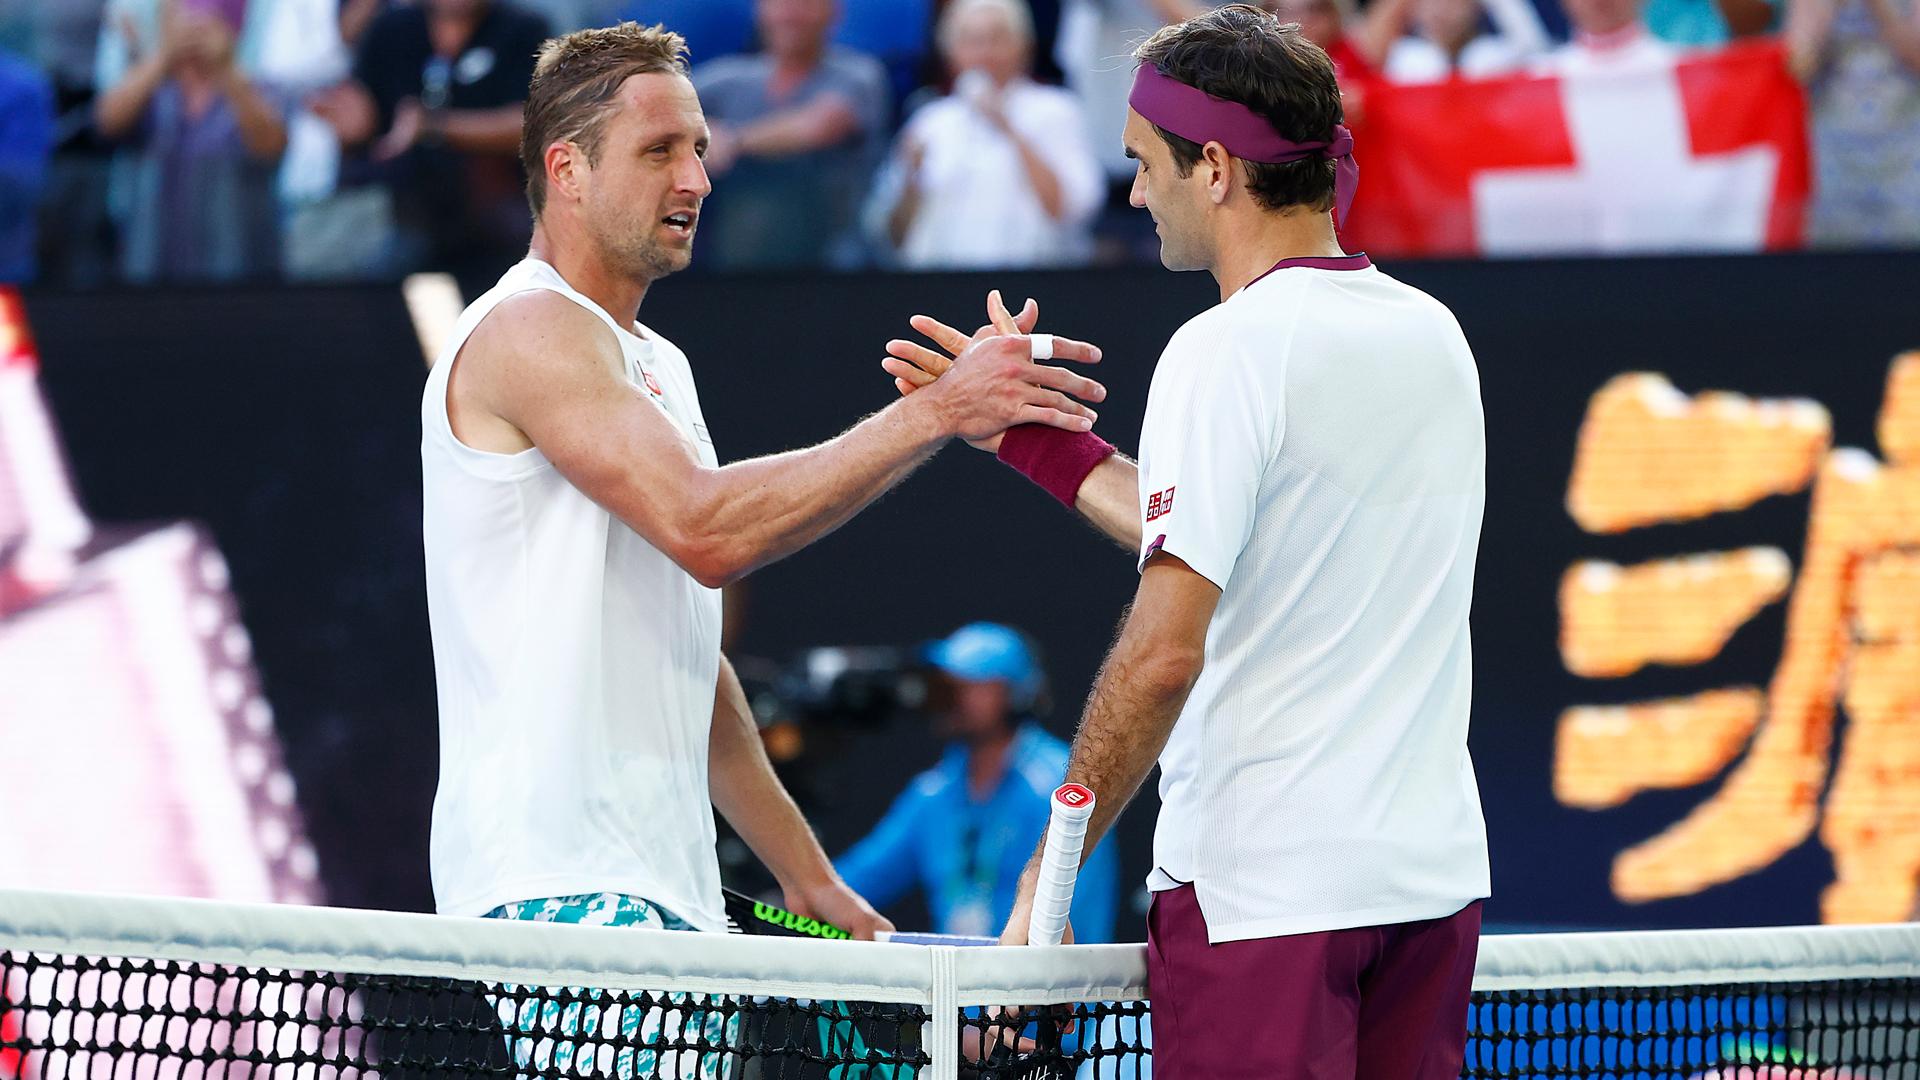 Australian Open 2020: The seven match points Roger Federer saved against Tennys Sandgren - sporting news